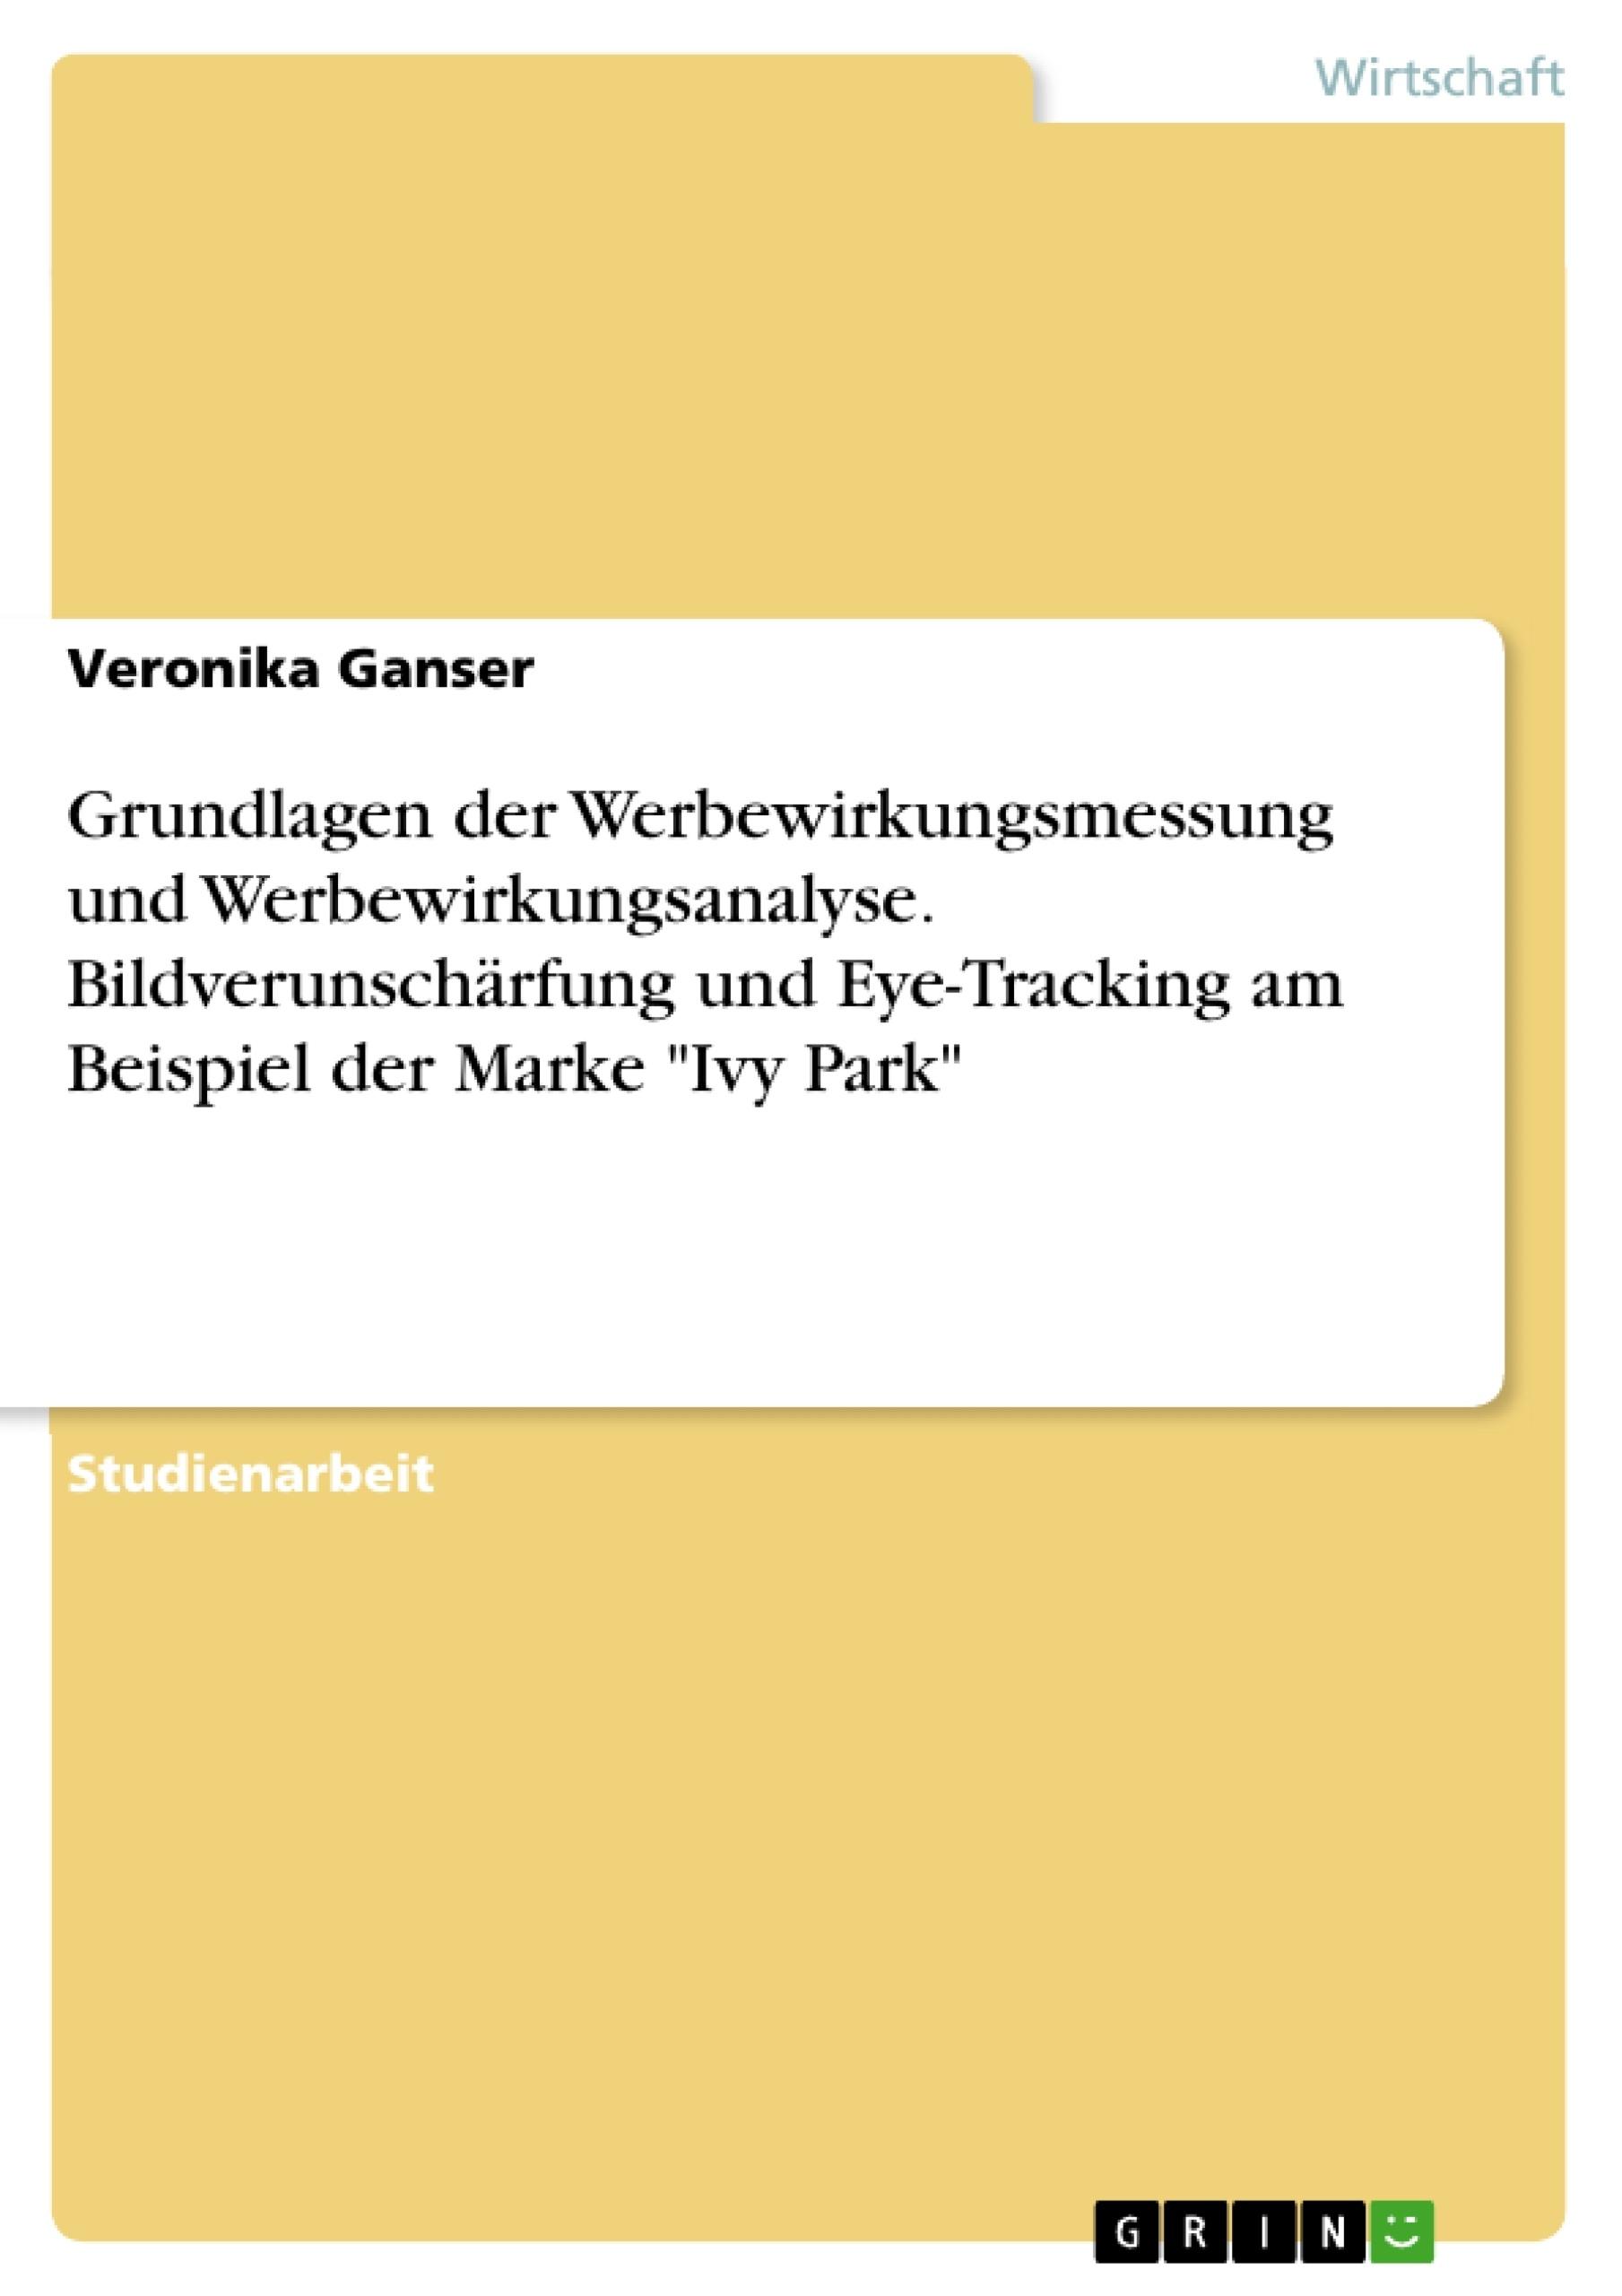 """Titel: Grundlagen der Werbewirkungsmessung und Werbewirkungsanalyse. Bildverunschärfung und Eye-Tracking am Beispiel der Marke """"Ivy Park"""""""